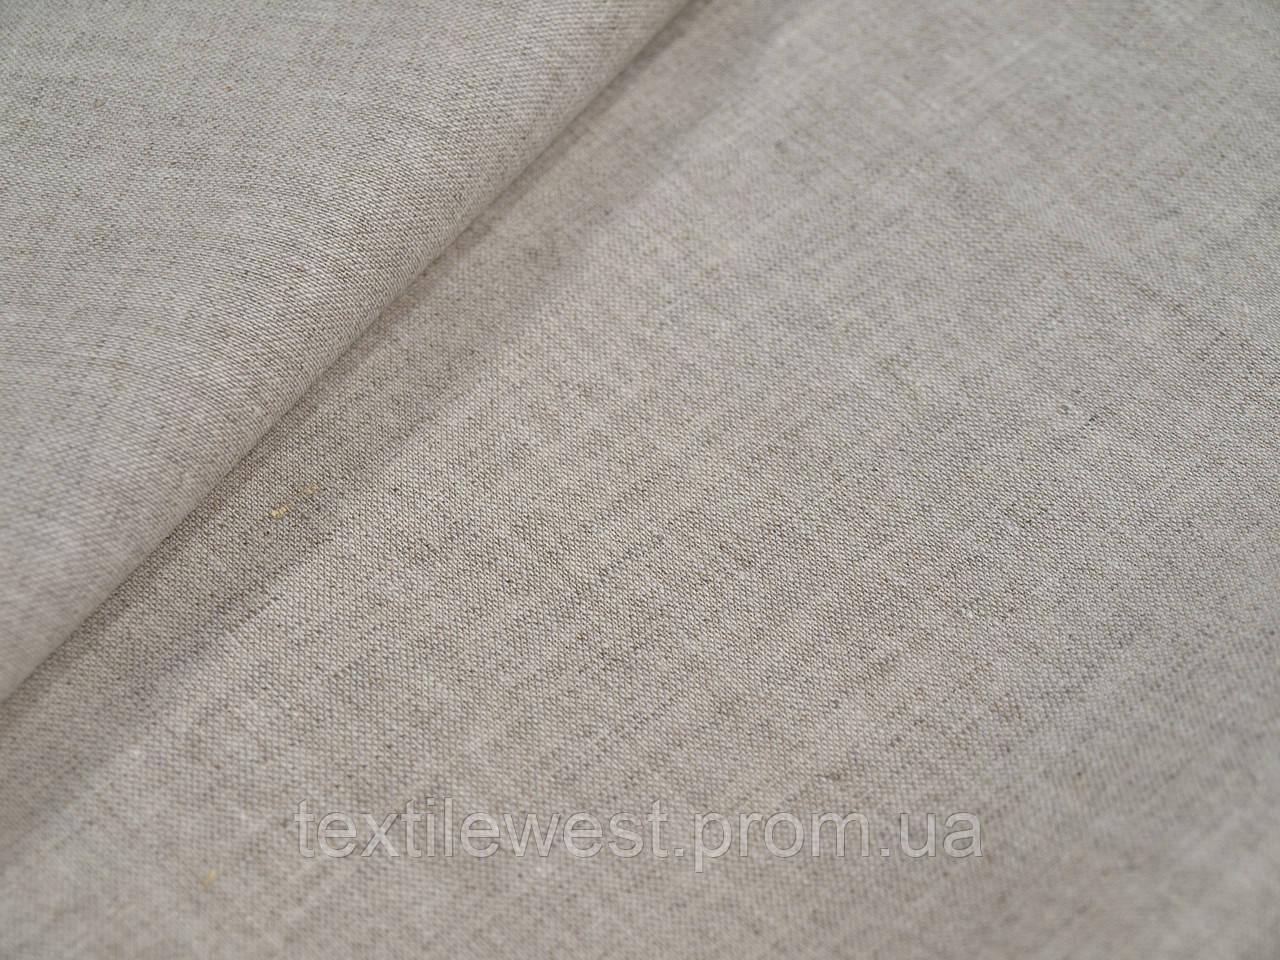 Ткань полульняная для постельного белья